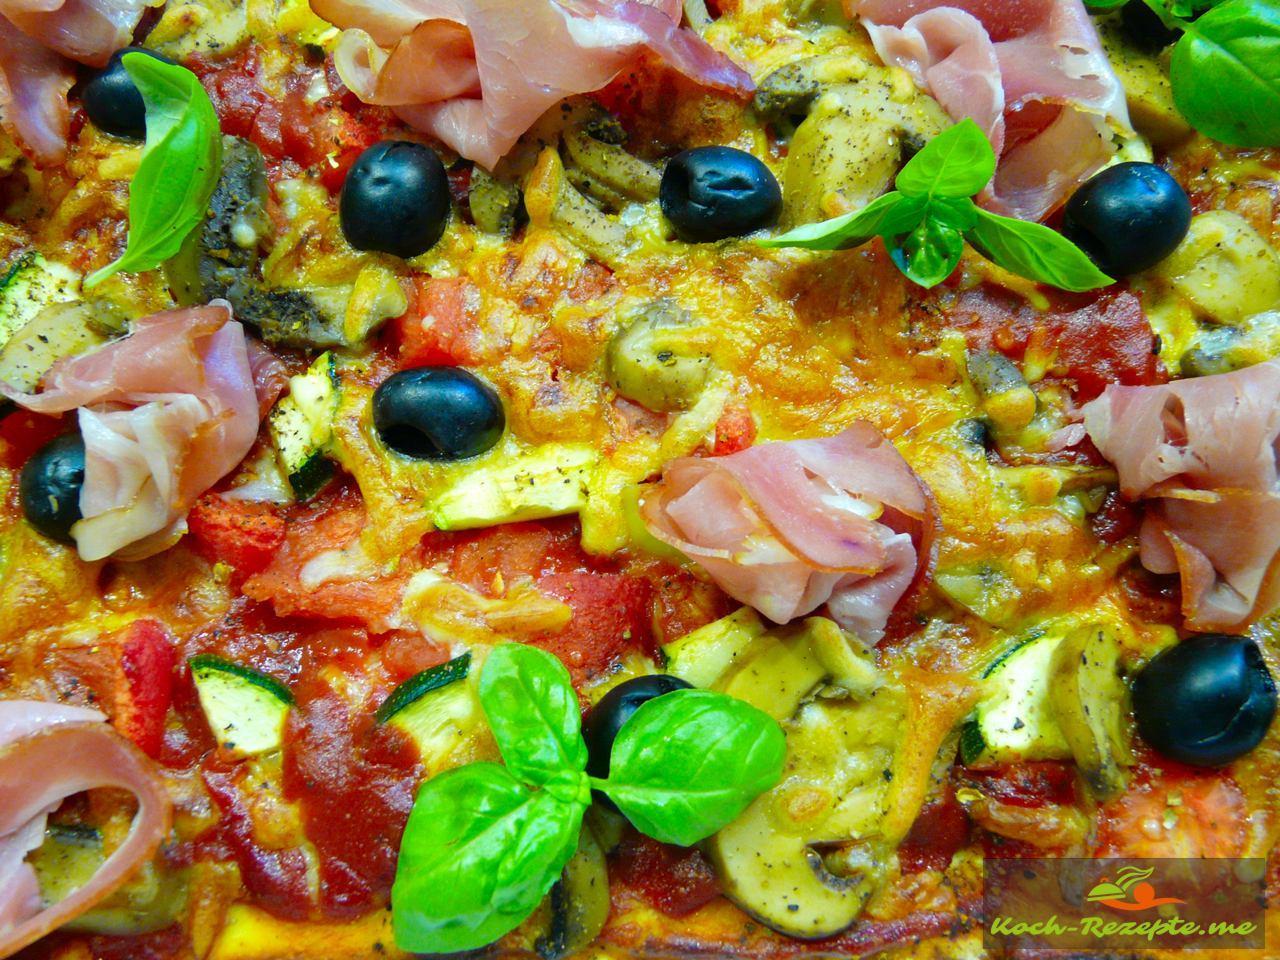 Sommer-Pizza mit Oliven, Schinken und Basilikum garnieren